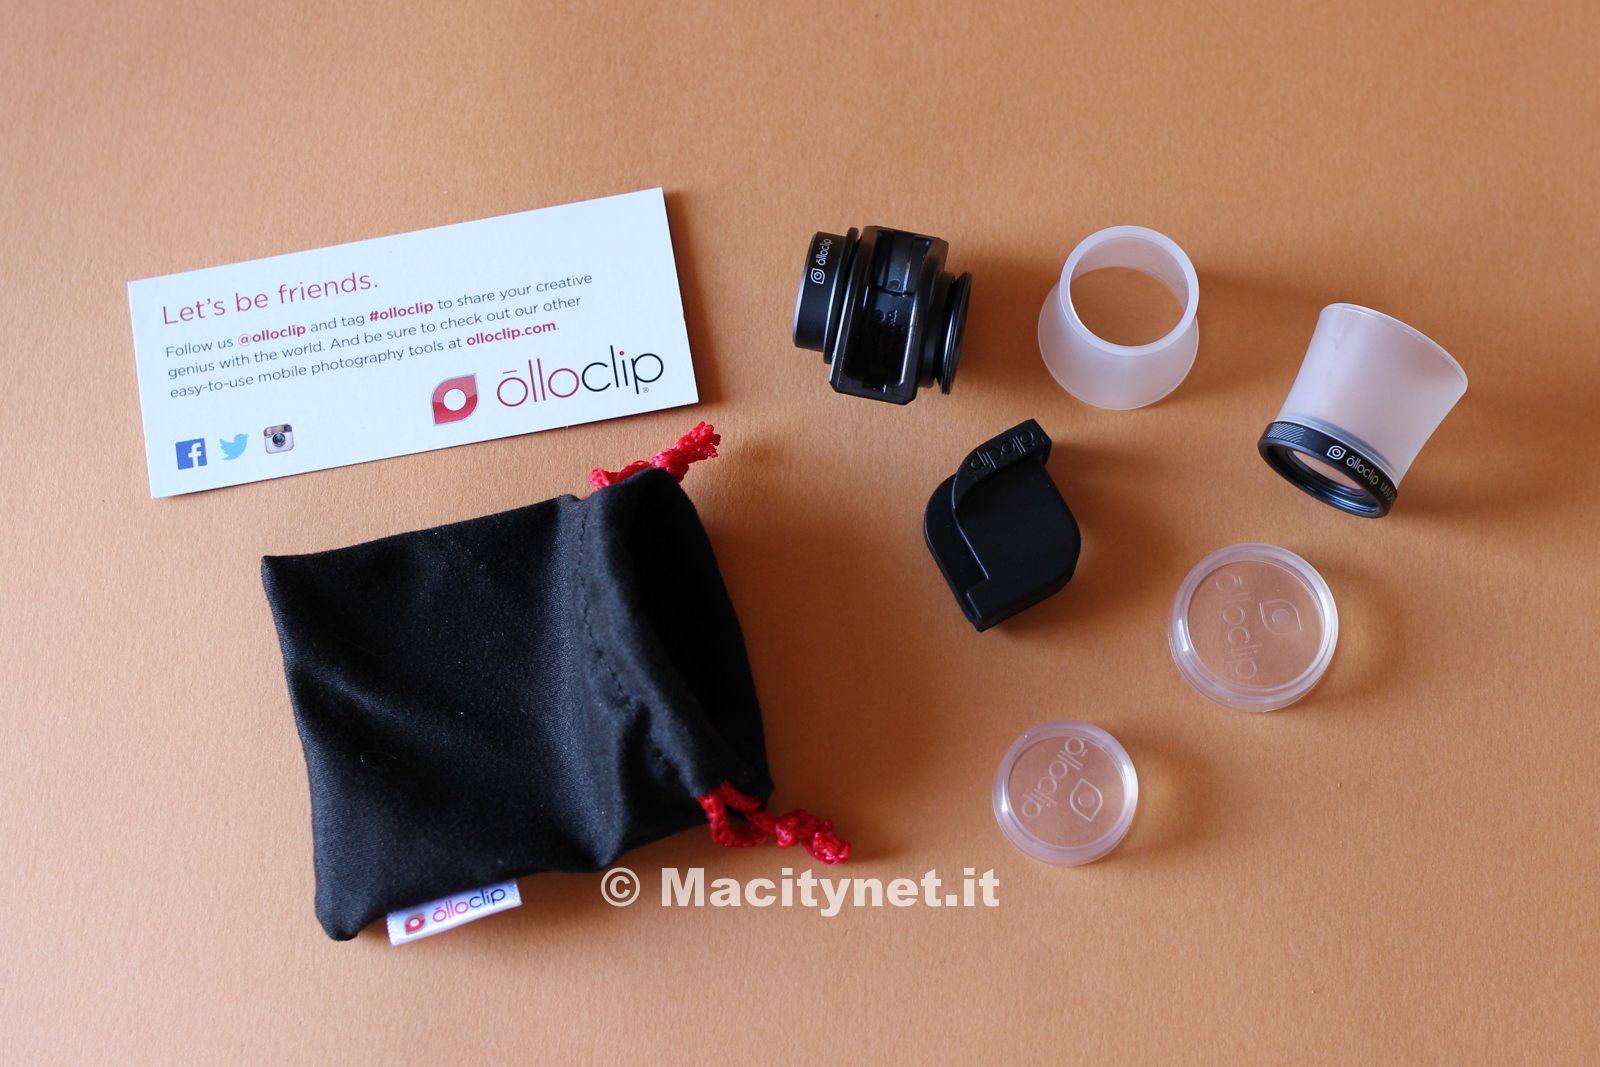 Recensione Olloclip Macro 3-in-1: ingrandimenti a 7X 14X 21X con iPhone 5/5S